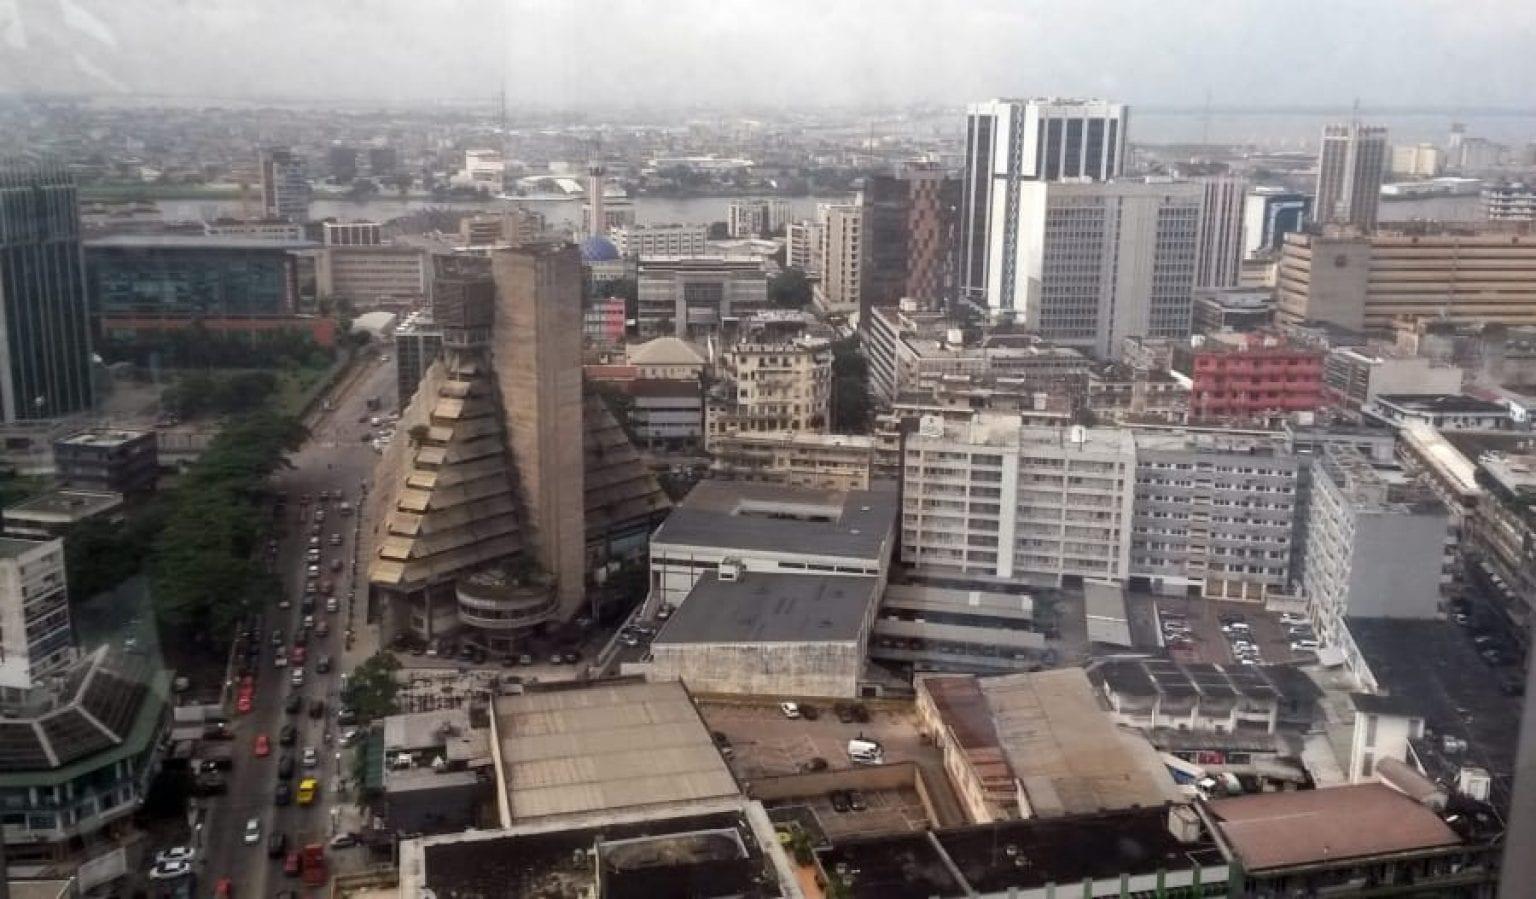 Indice Mo Ibrahim 2020, bonne gouvernance : la Côte d'Ivoire classée 18e